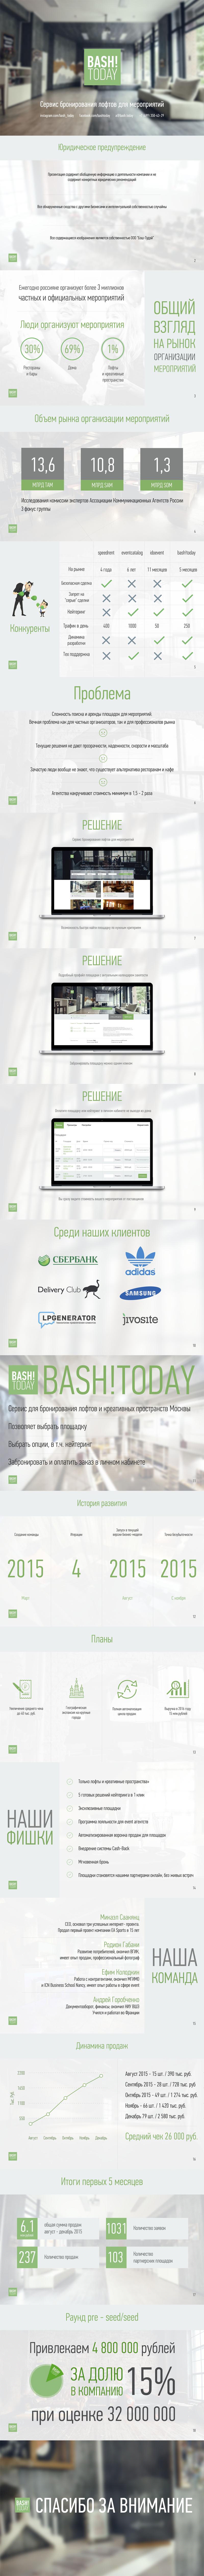 Презентация  Bash!Today